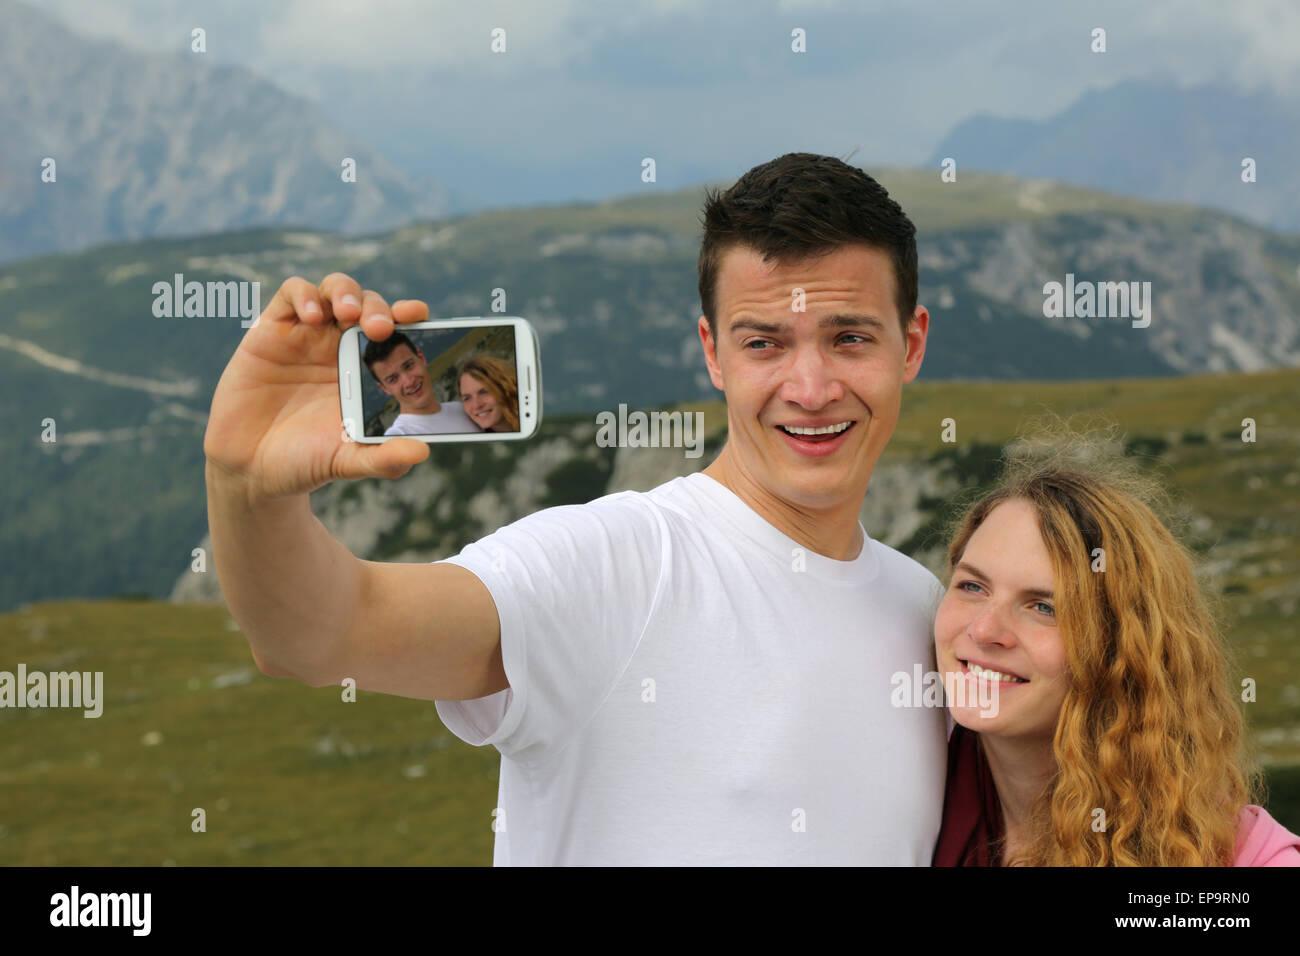 Foto mit dem Smartphone als Erinnerung an den Urlaub - Stock Image